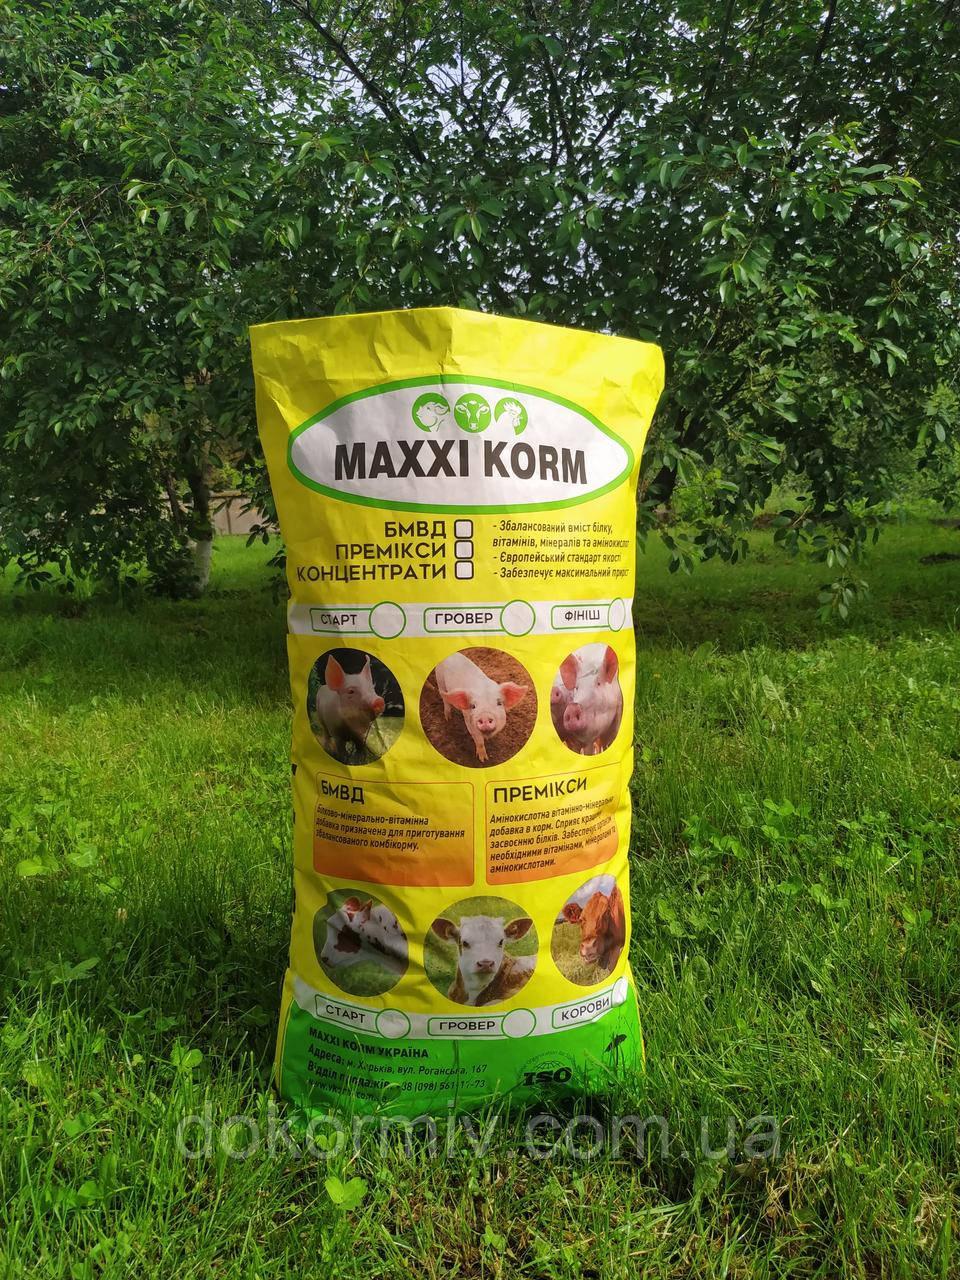 БМВД MAXXI KORM для телят 25% до 120 кг